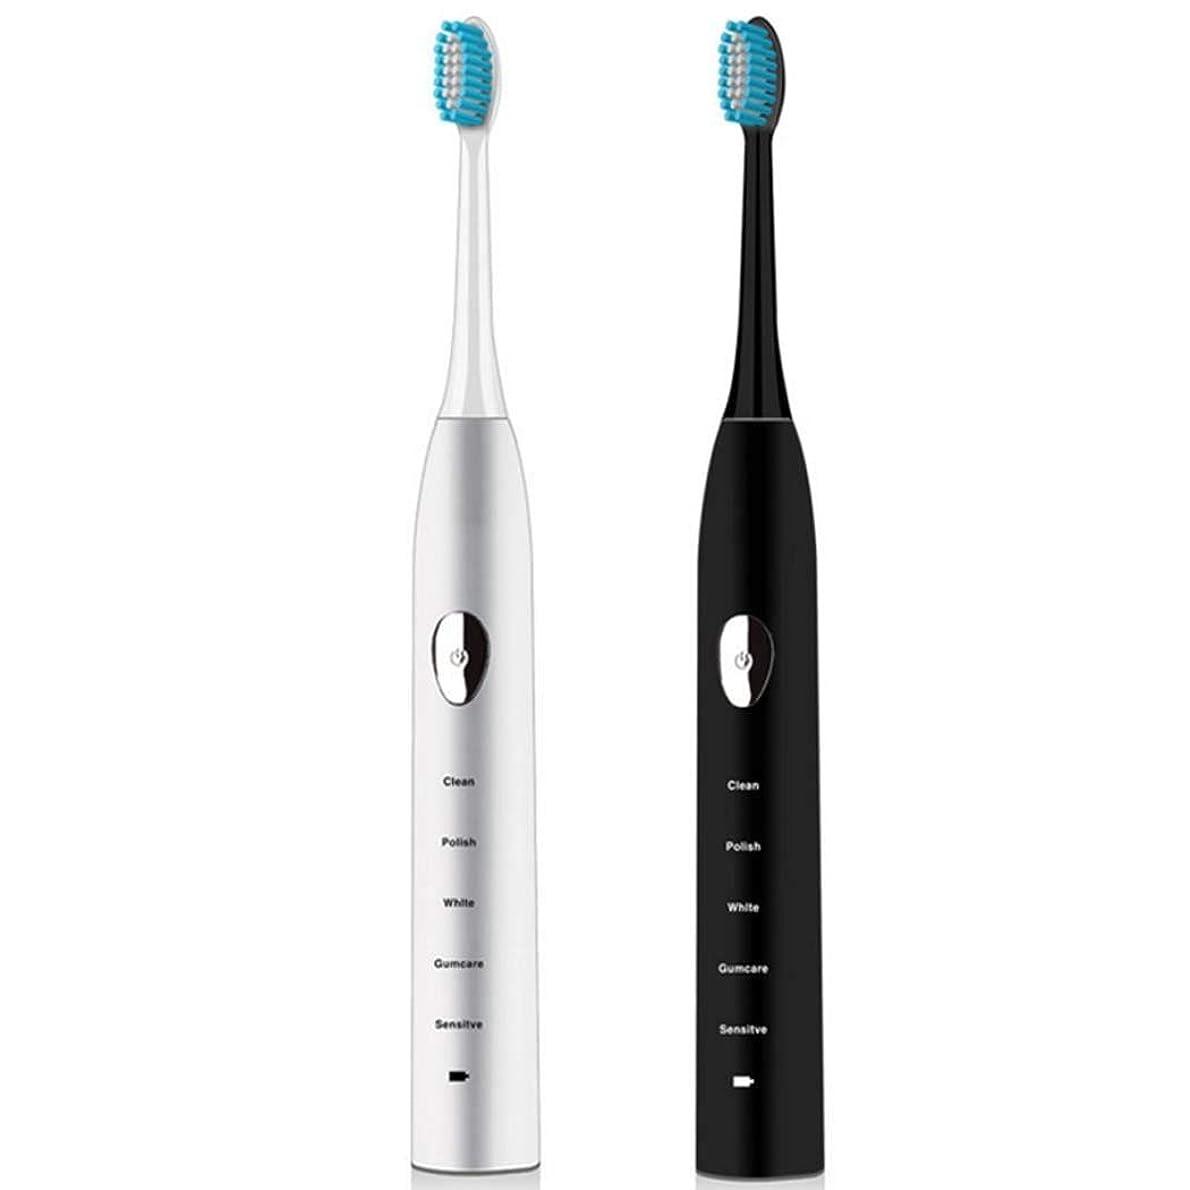 カーフグリップ槍電動歯ブラシ、充電ソニック電動歯ブラシ、家庭用ホワイトニング防水自動歯ブラシ、誘導充電、スマートタイマー(カラー:ホワイト)